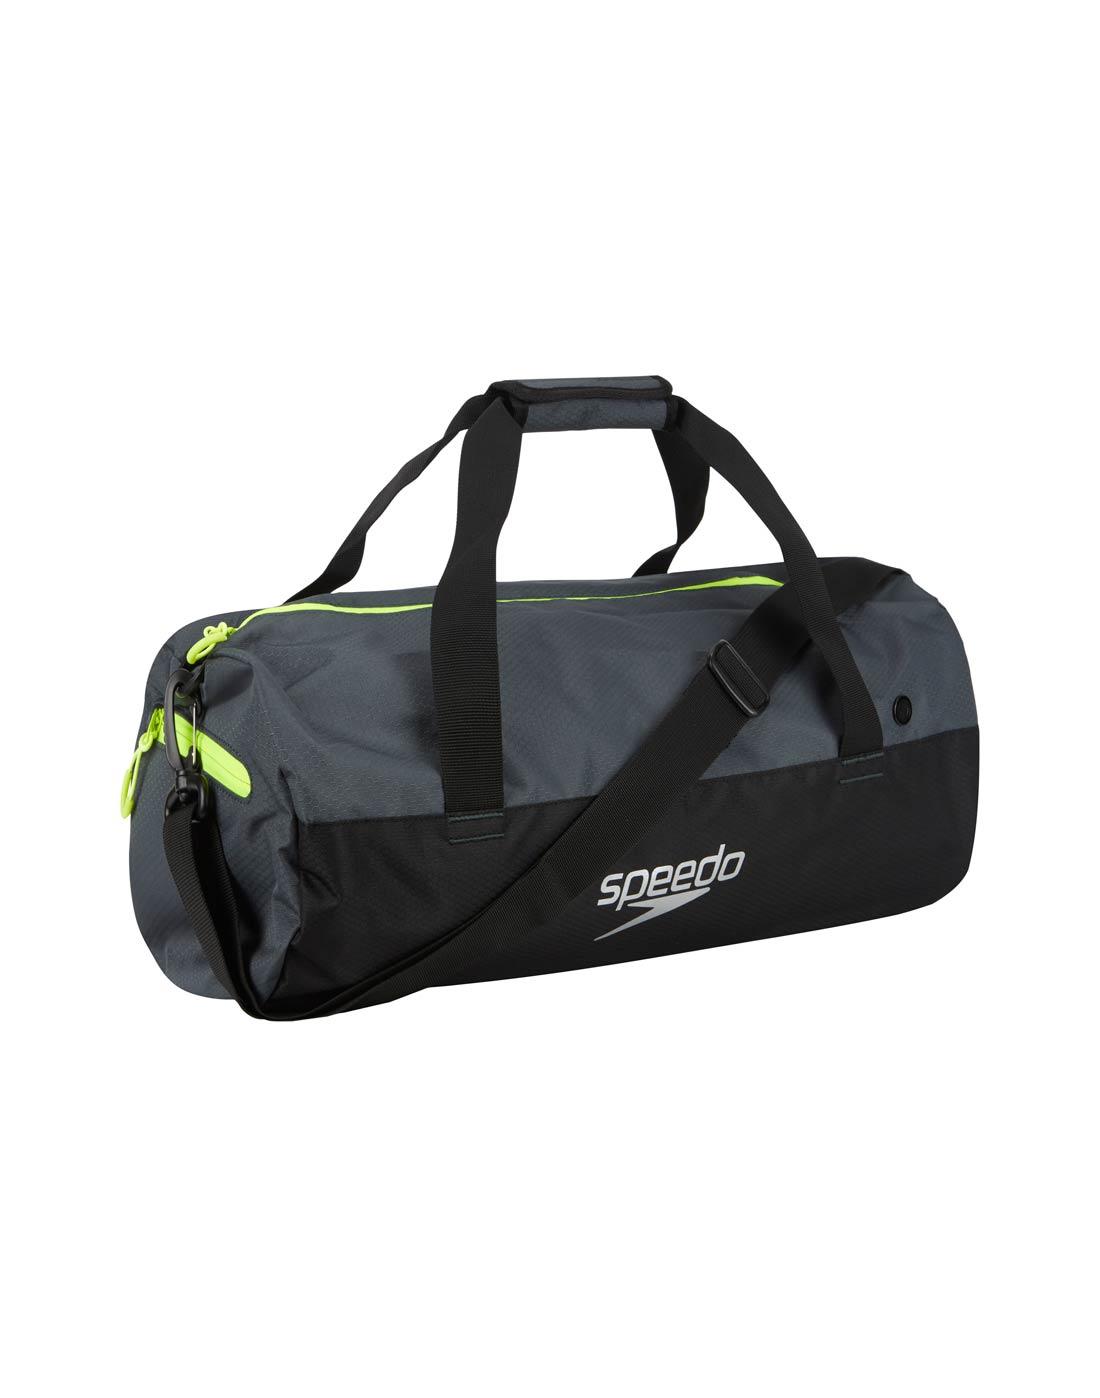 Speedo Duffel Bag ... a38cc78b9de0d